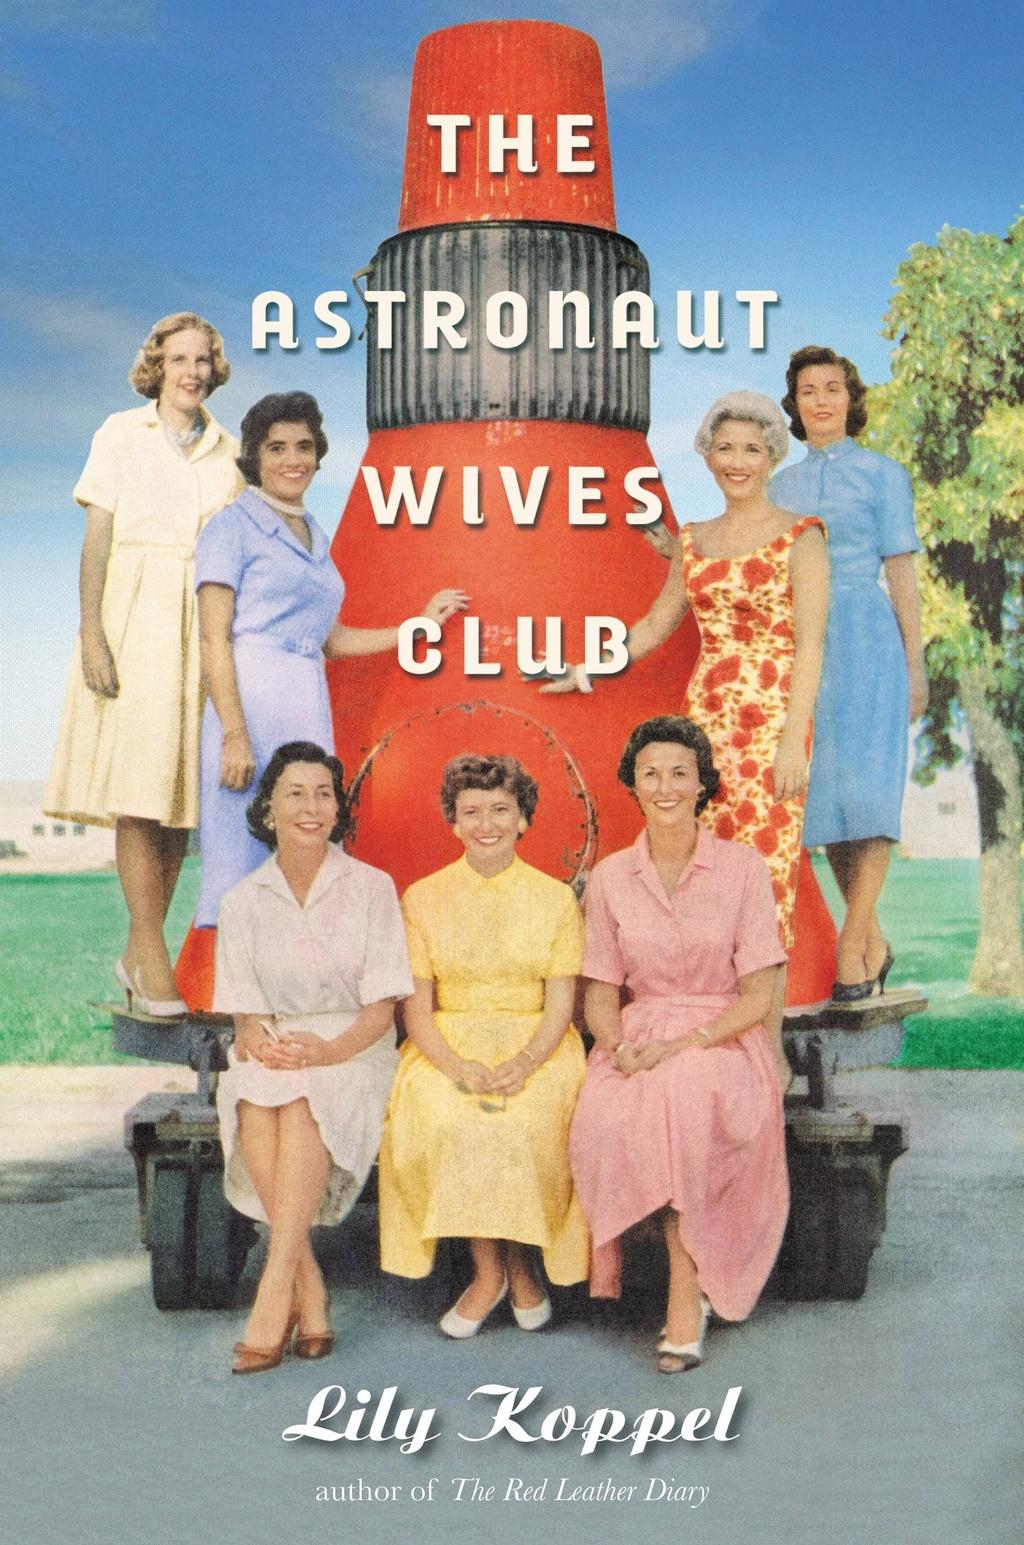 """La gran mentira de la NASA - Carlos Manuel Sánchez (XL Semanal) - Reportaje en referencia a el libro """"The Astronaut Wives Club"""" de Lily Koppel.    Astronaut-wives-club"""